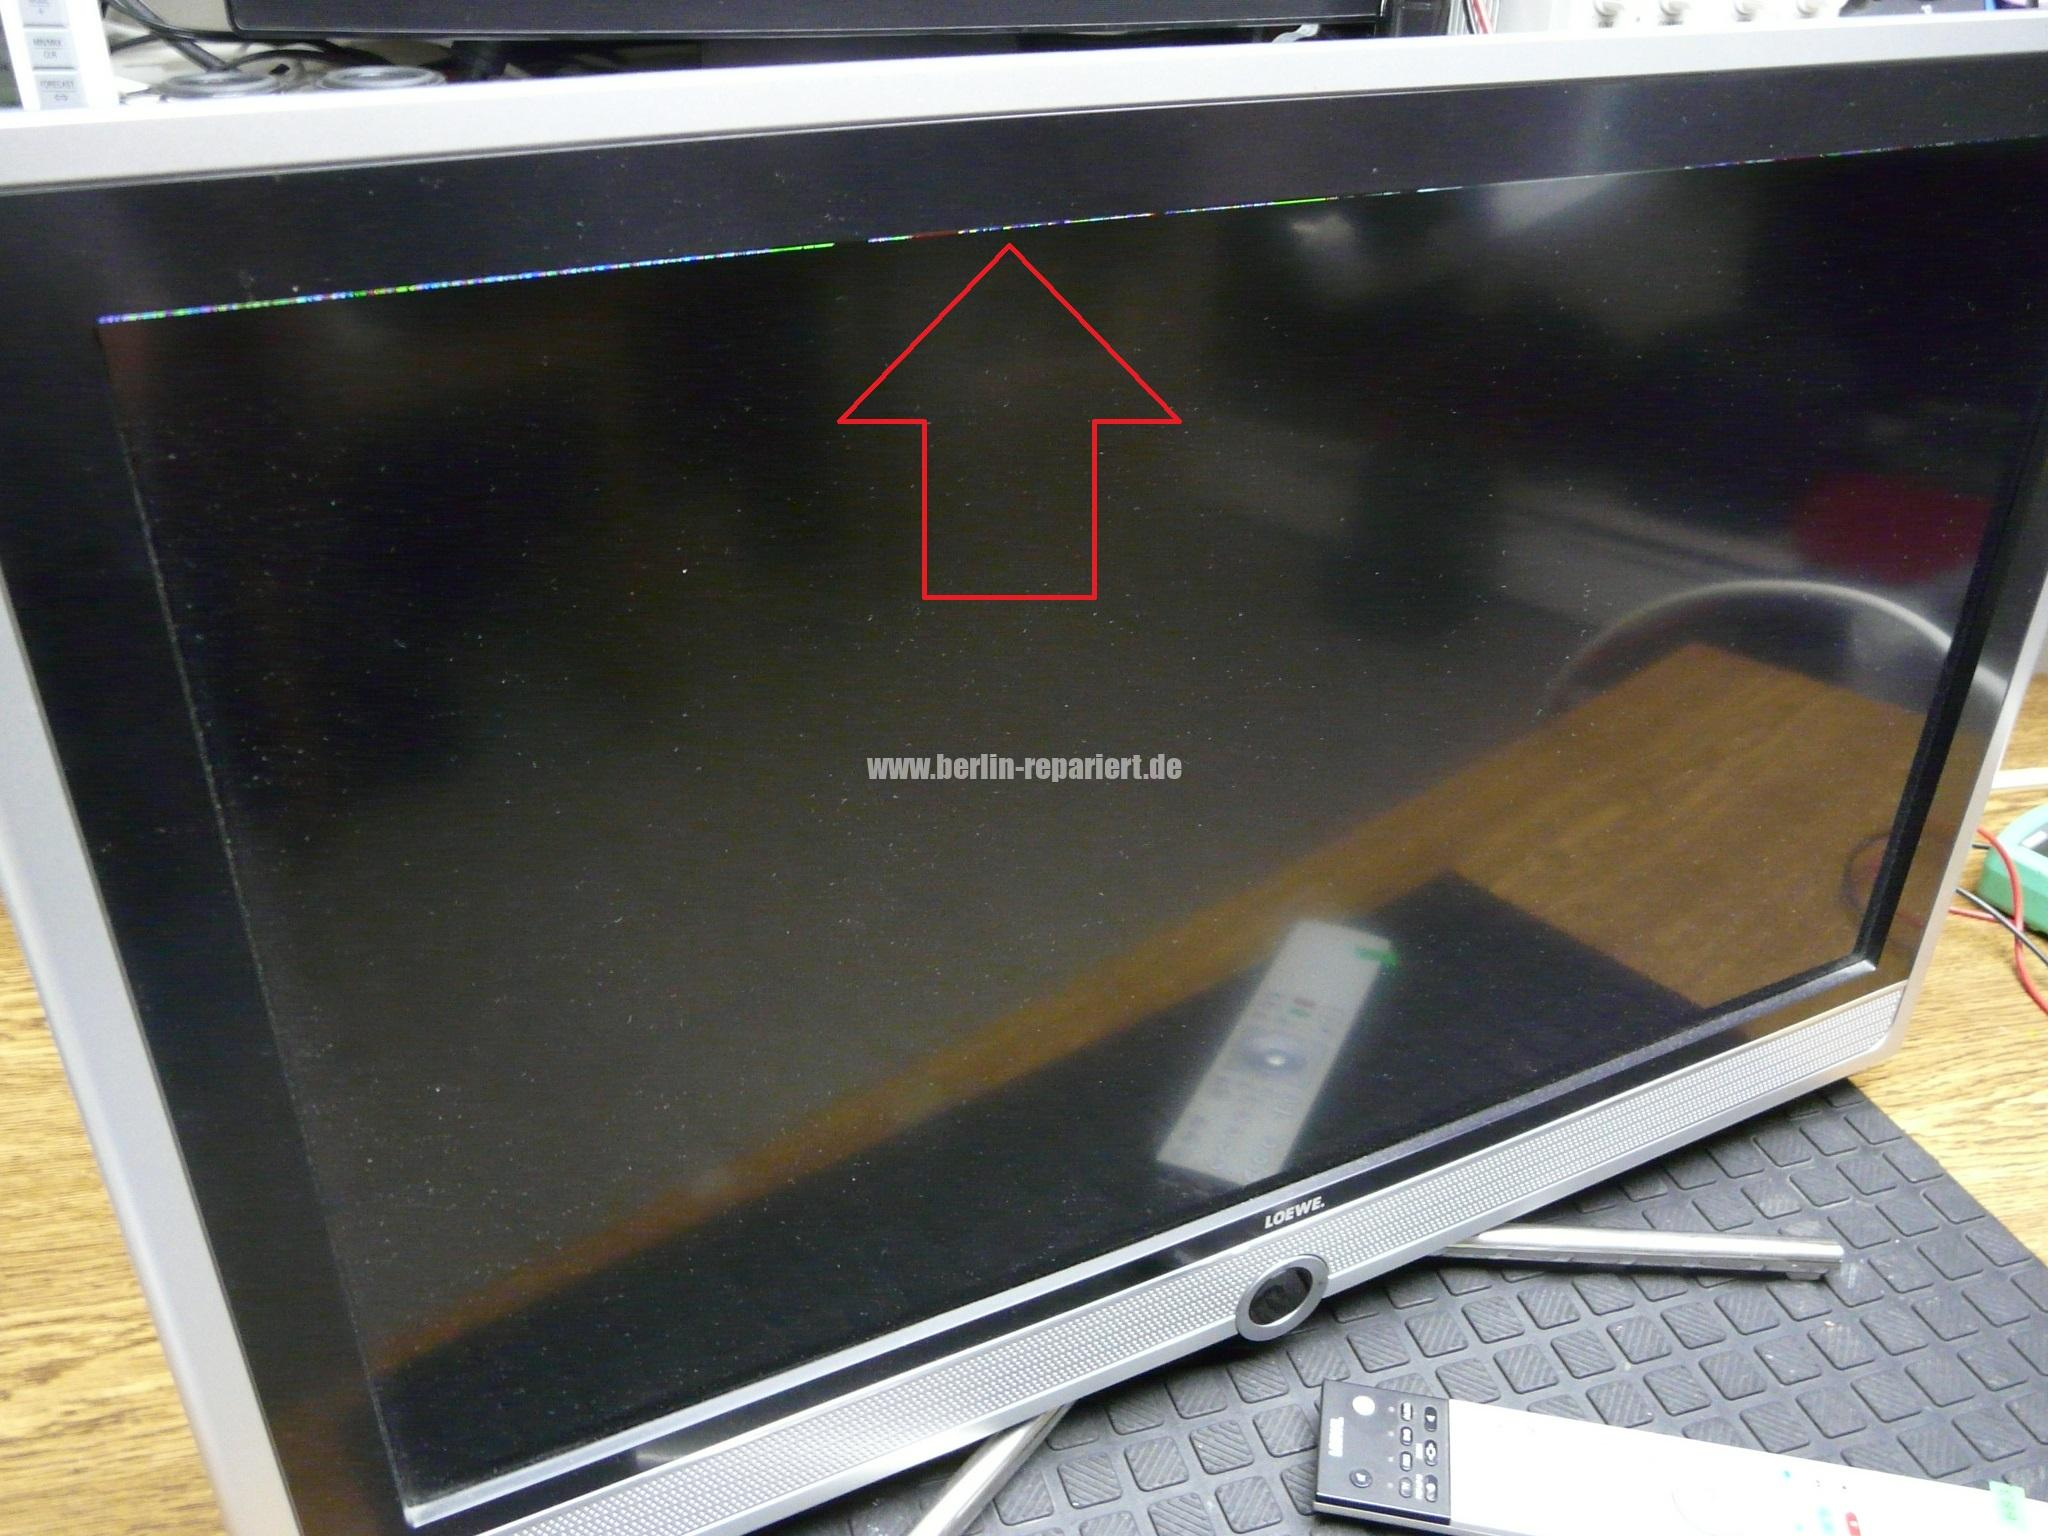 loewe connect 26 sl bild als streifen sichtbar kein bild nur ton leon s blog. Black Bedroom Furniture Sets. Home Design Ideas